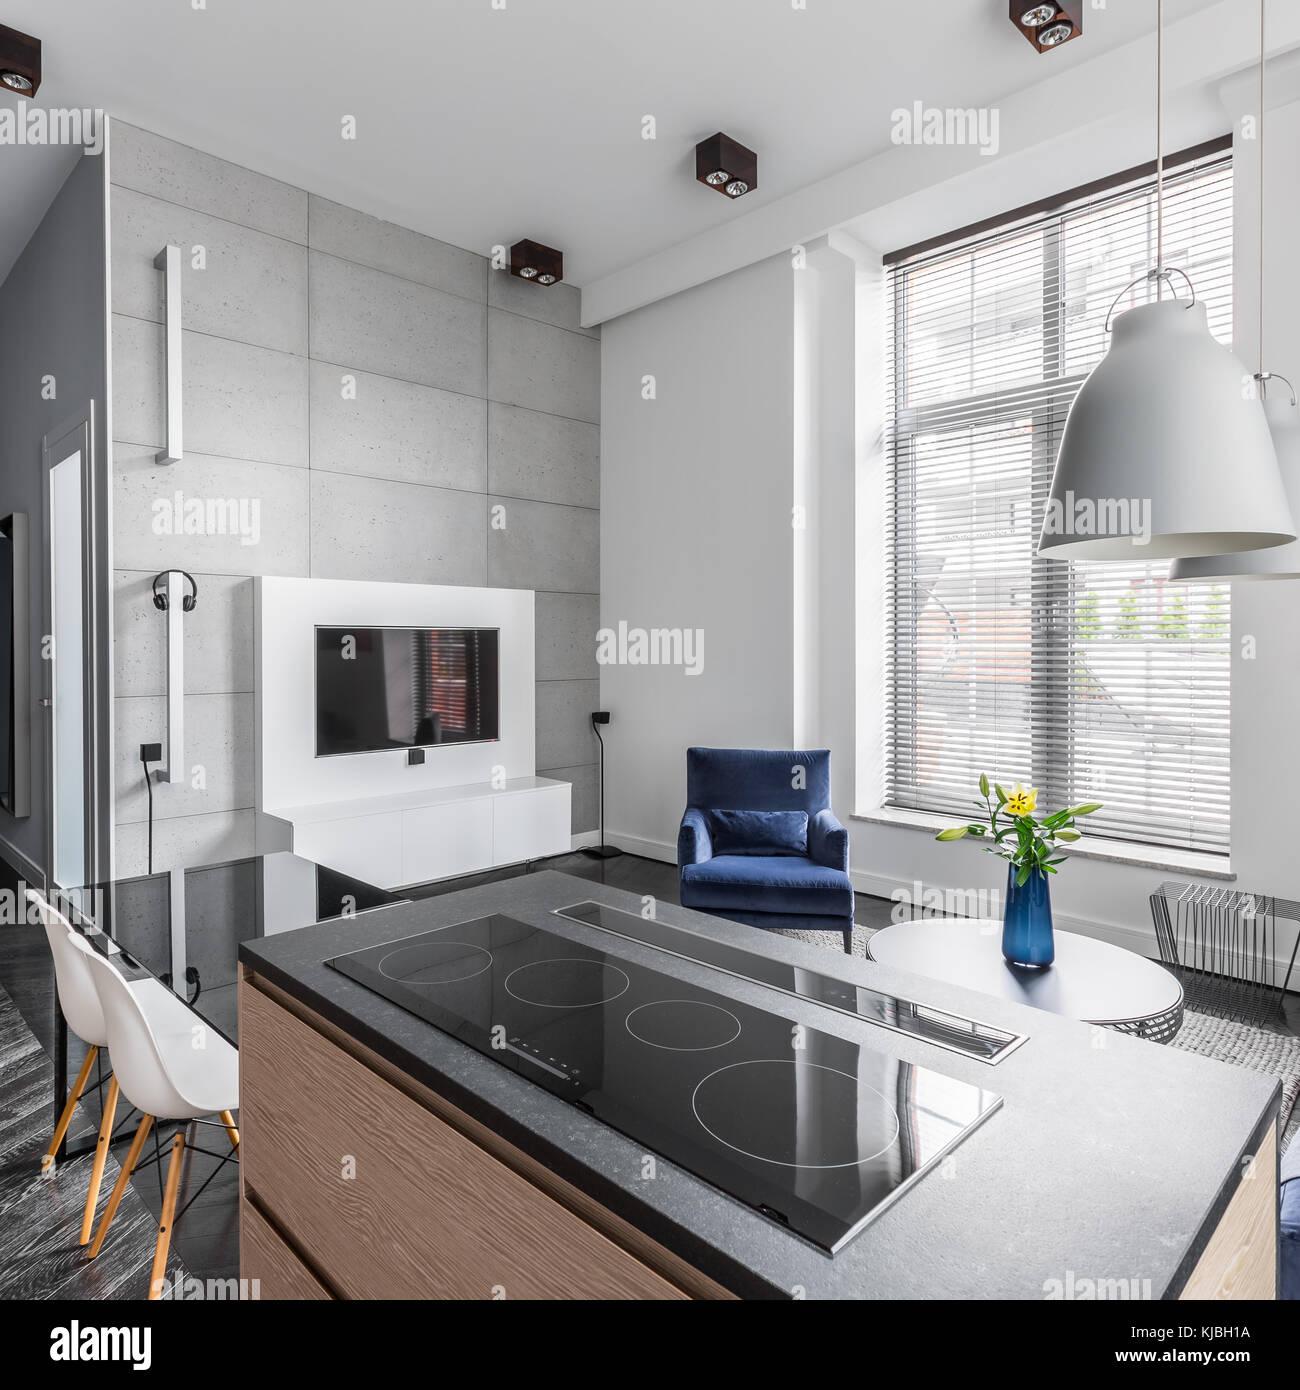 Wohnung mit Beton Wand Fliesen in Wohnzimmer offene Küche ...